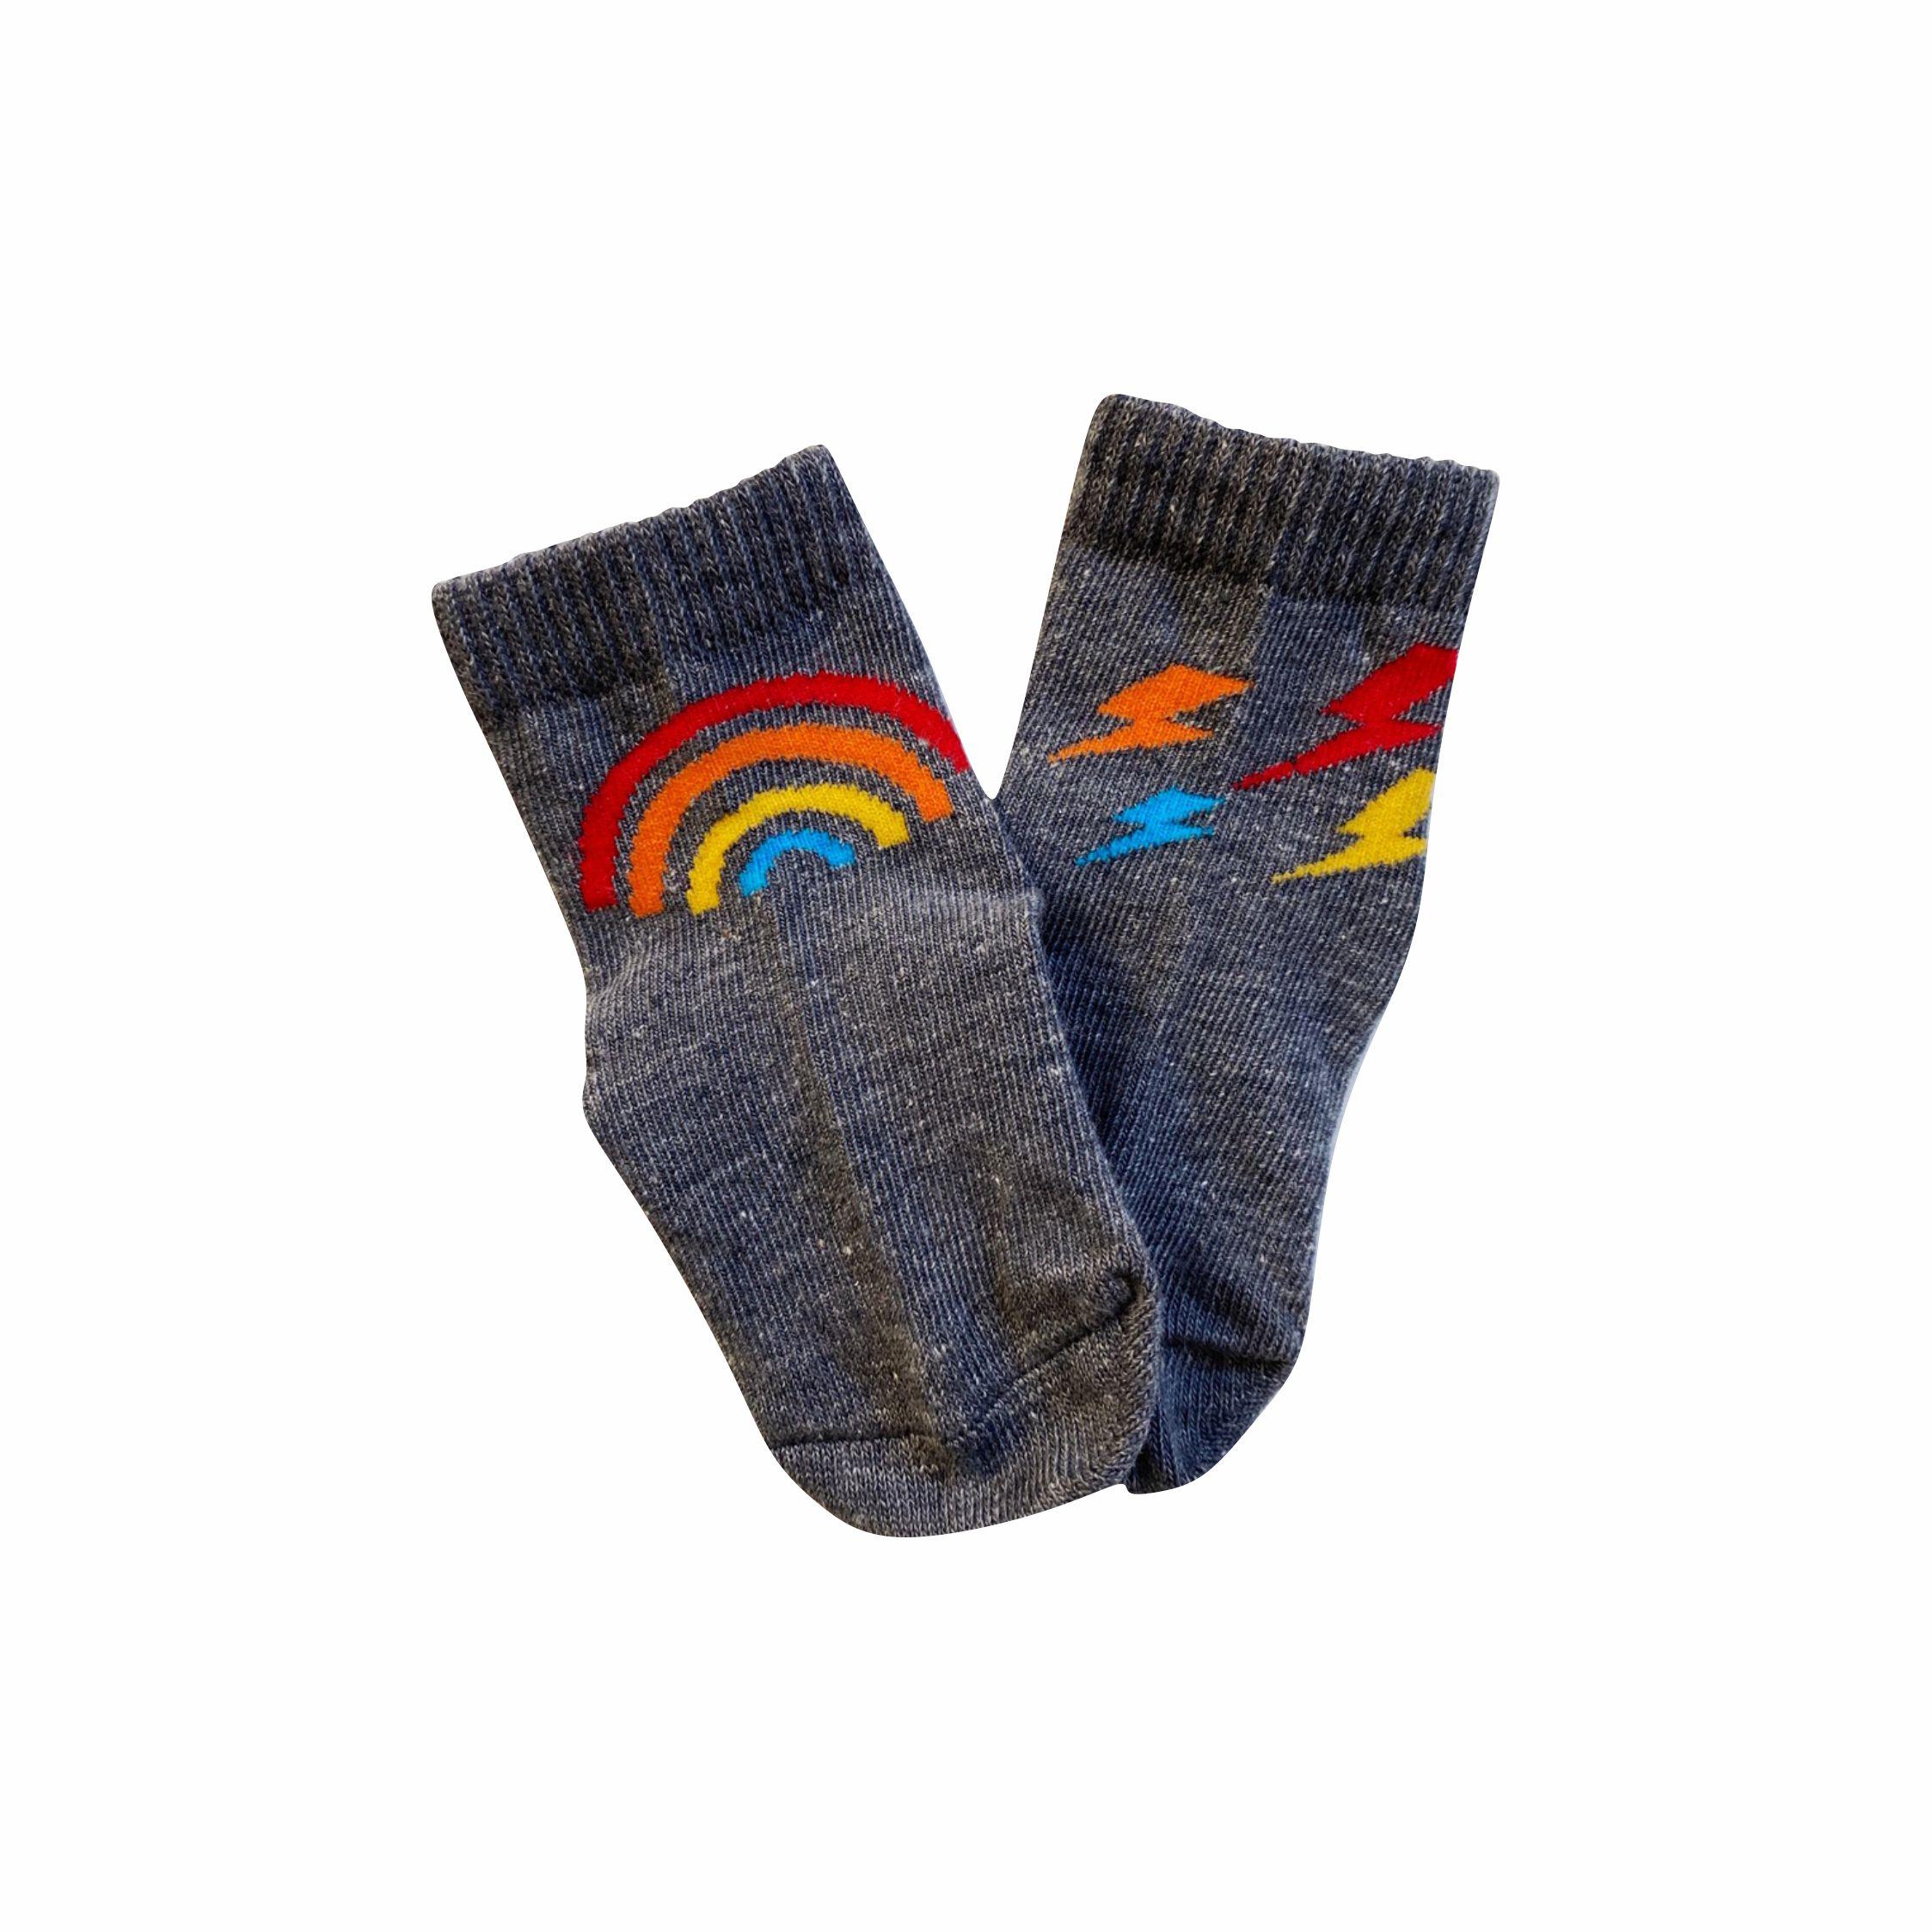 meia-soquete-arco-iris-e-raio-tam-30-ao-34-cantarola